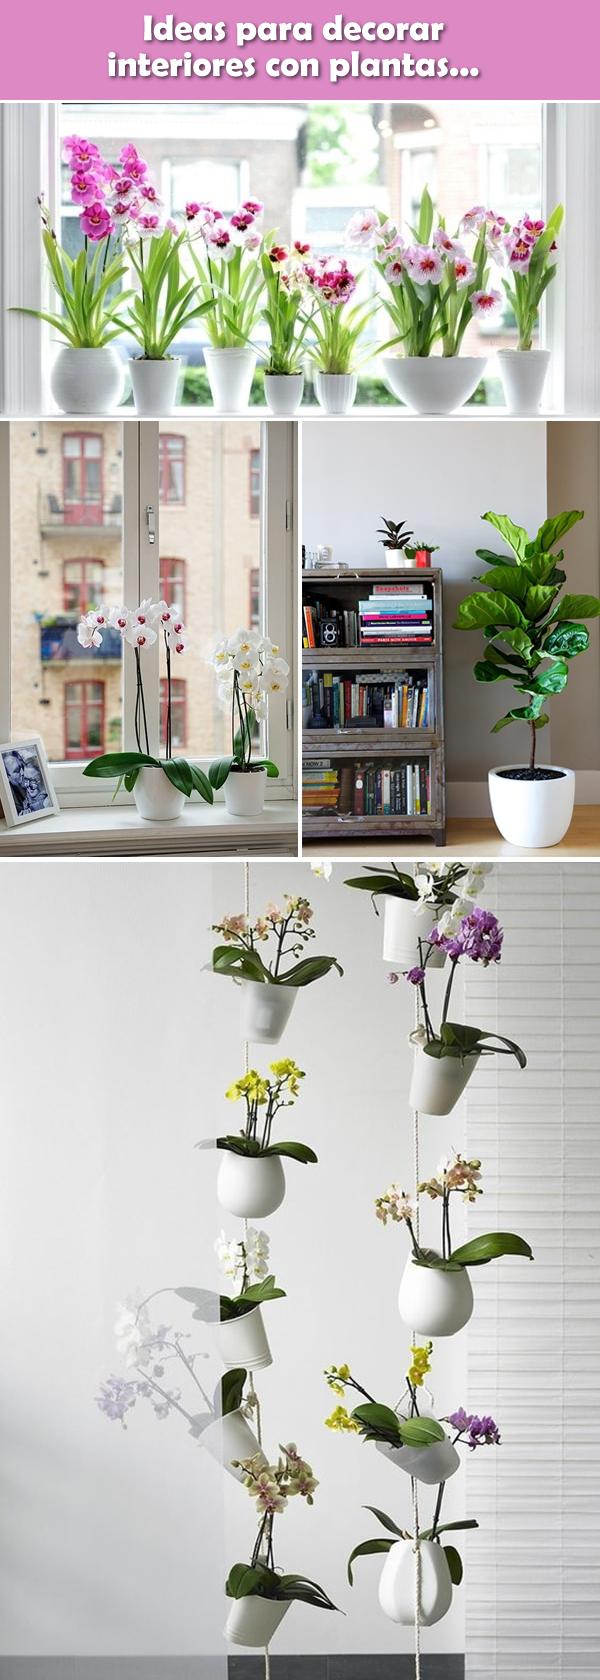 Ideas originales para decorar interiores con plantas for Decoracion de interiores ideas originales